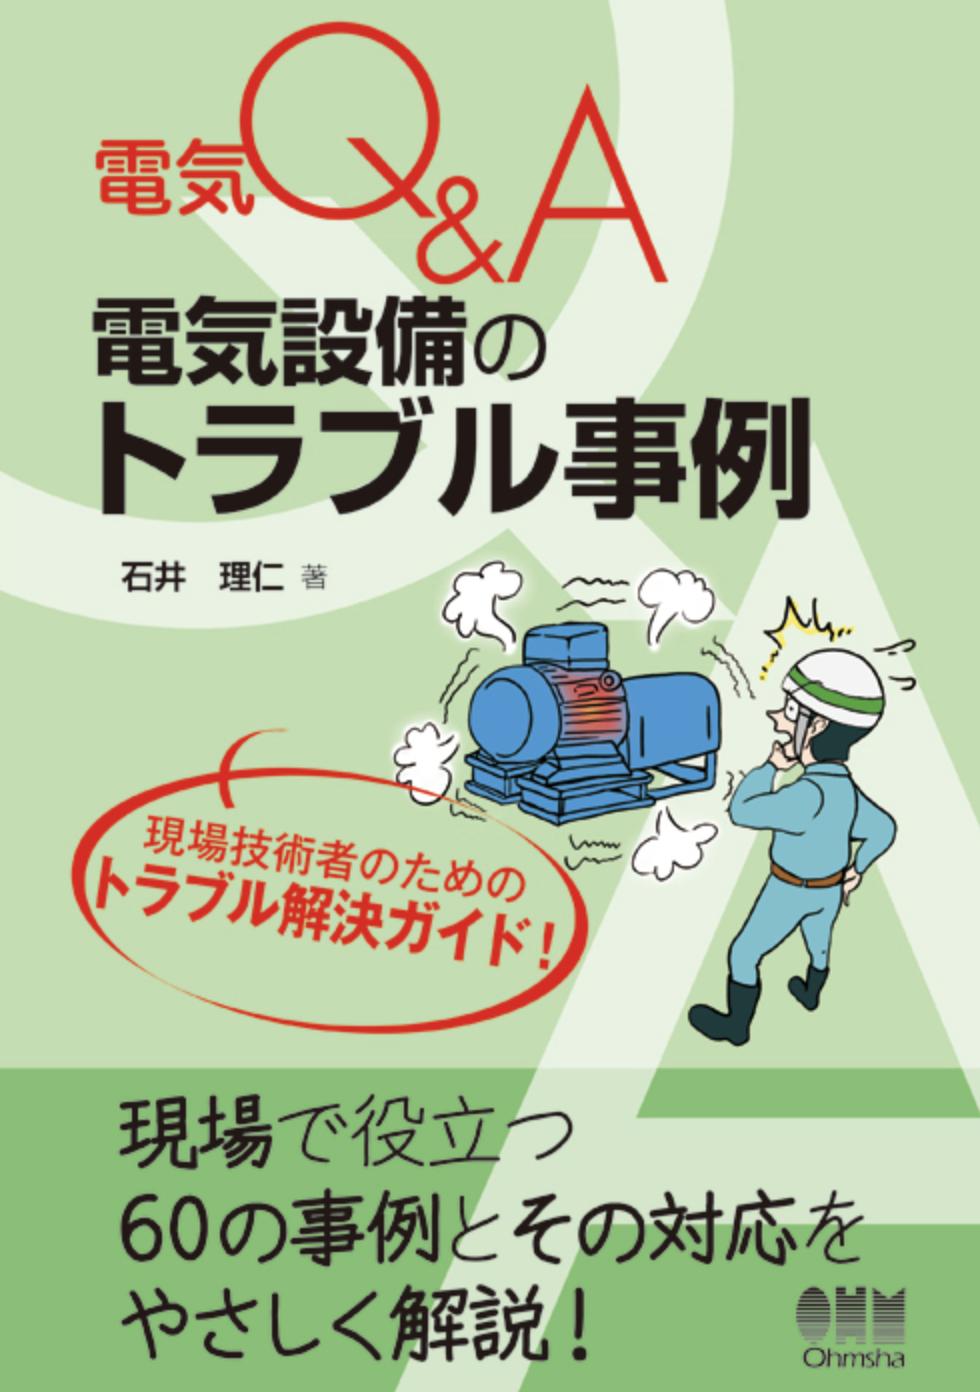 【新刊トピックス 2020年5月】電気Q&A 電気設備のトラブル事例の画像